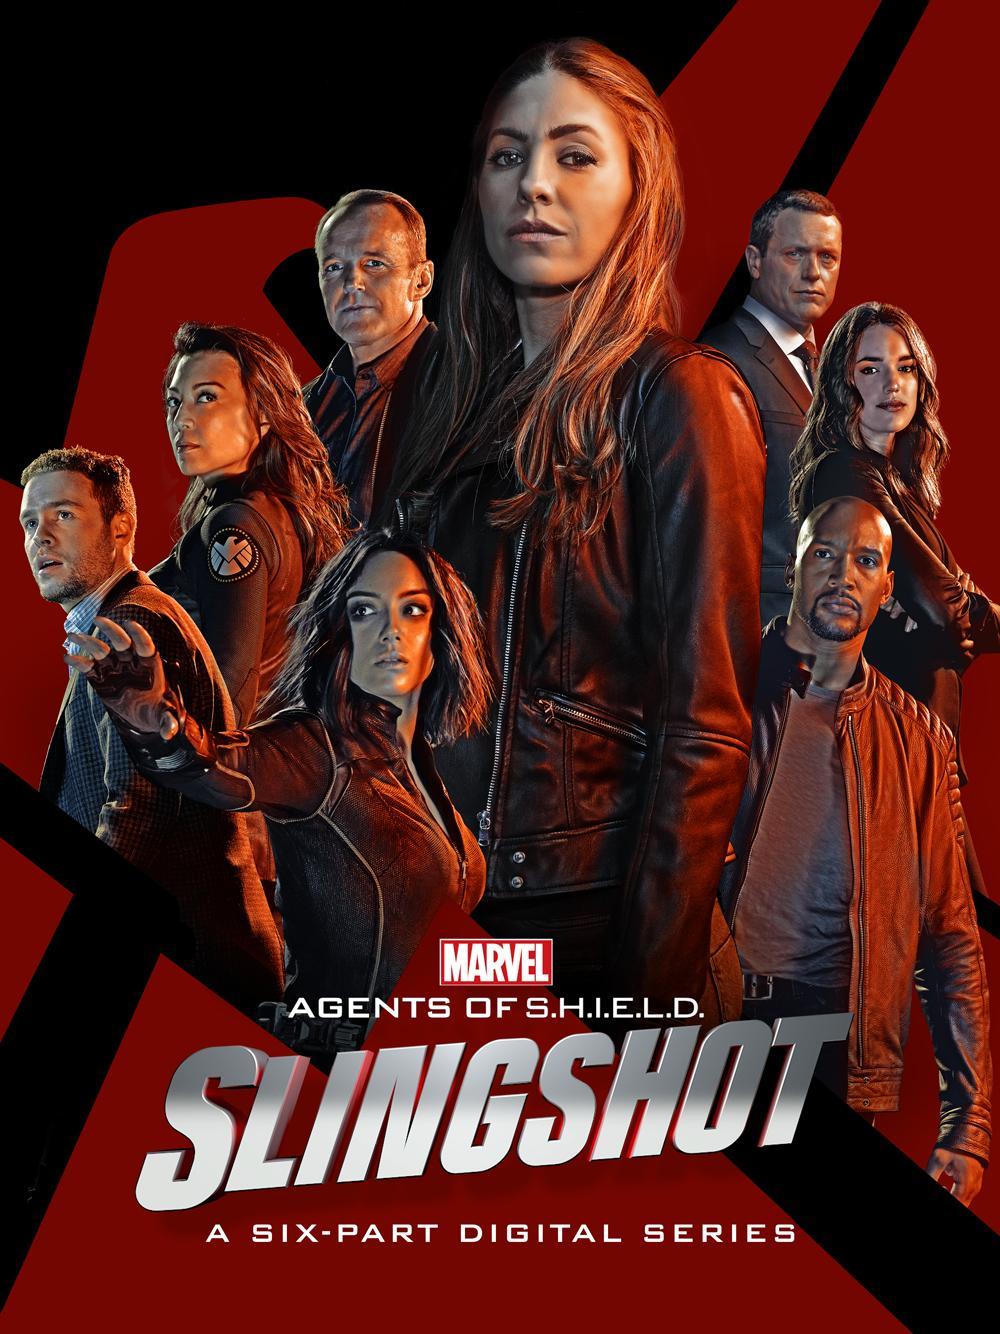 Agents of S.H.I.E.L.D.: Slingshot Season 1 COMPLETE WEBRip 480p, 720p & 1080p